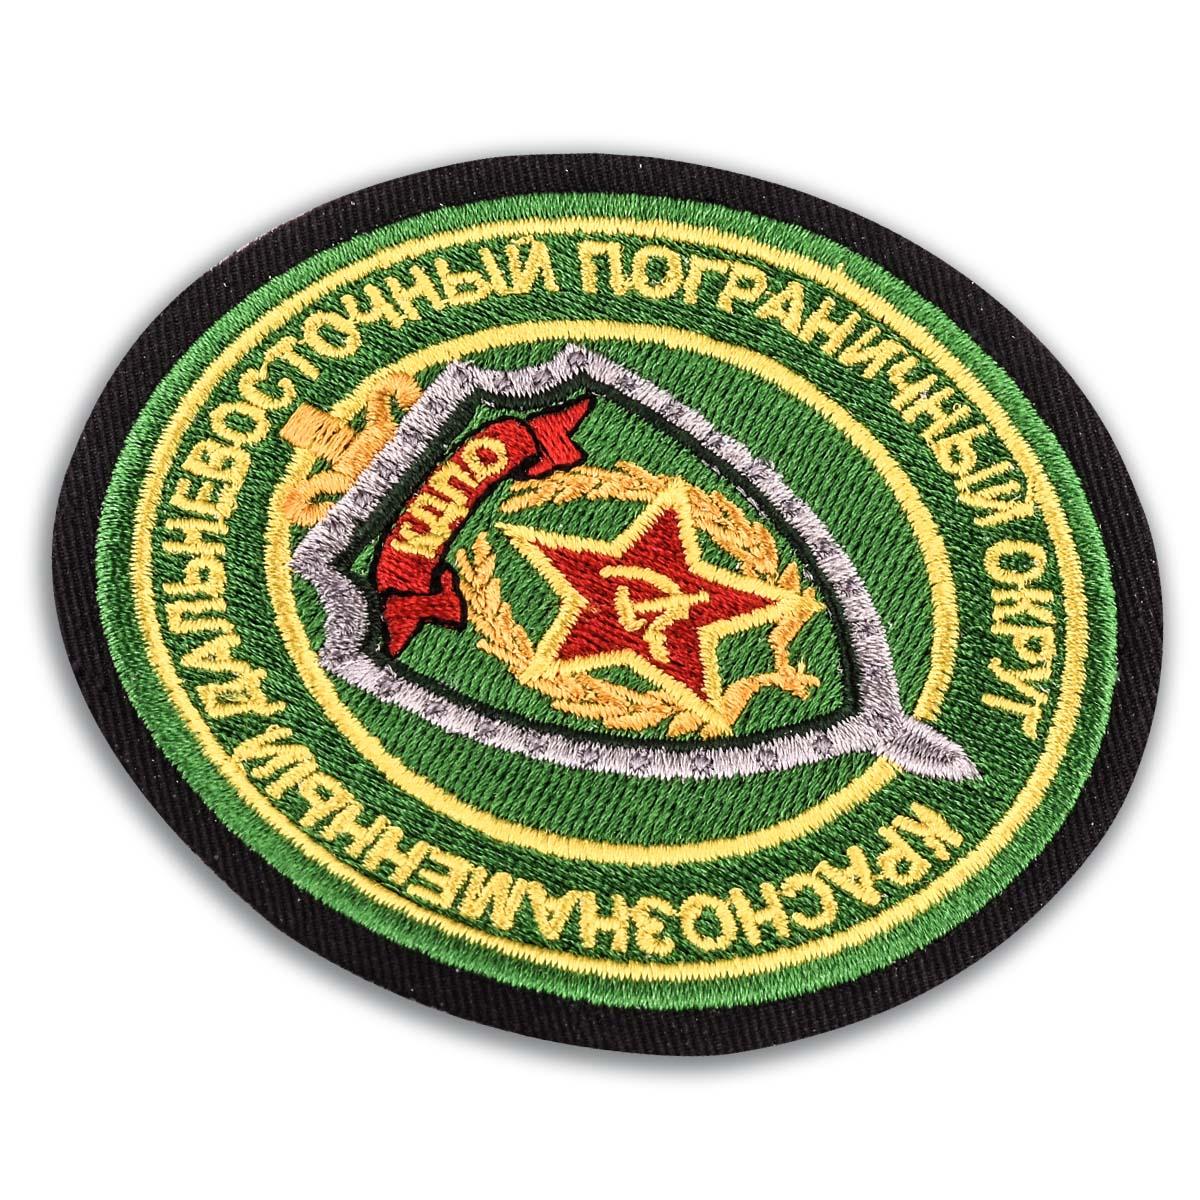 """Шеврон Погранвойск """"Краснознаменный Дальневосточный пограничный округ"""" - вид под углом"""